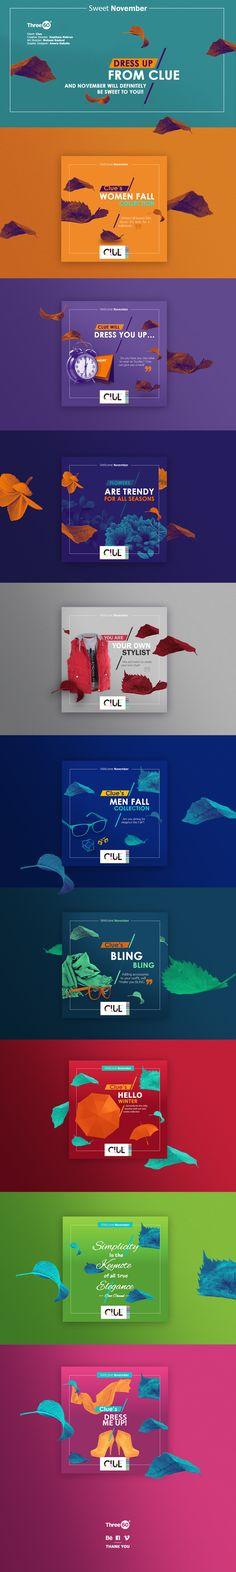 Clue Sweet November on Behance Web Design, Game Design, Book Design, Layout Design, Social Media Banner, Social Media Template, Social Media Design, Social Media Graphics, Graphic Design Posters